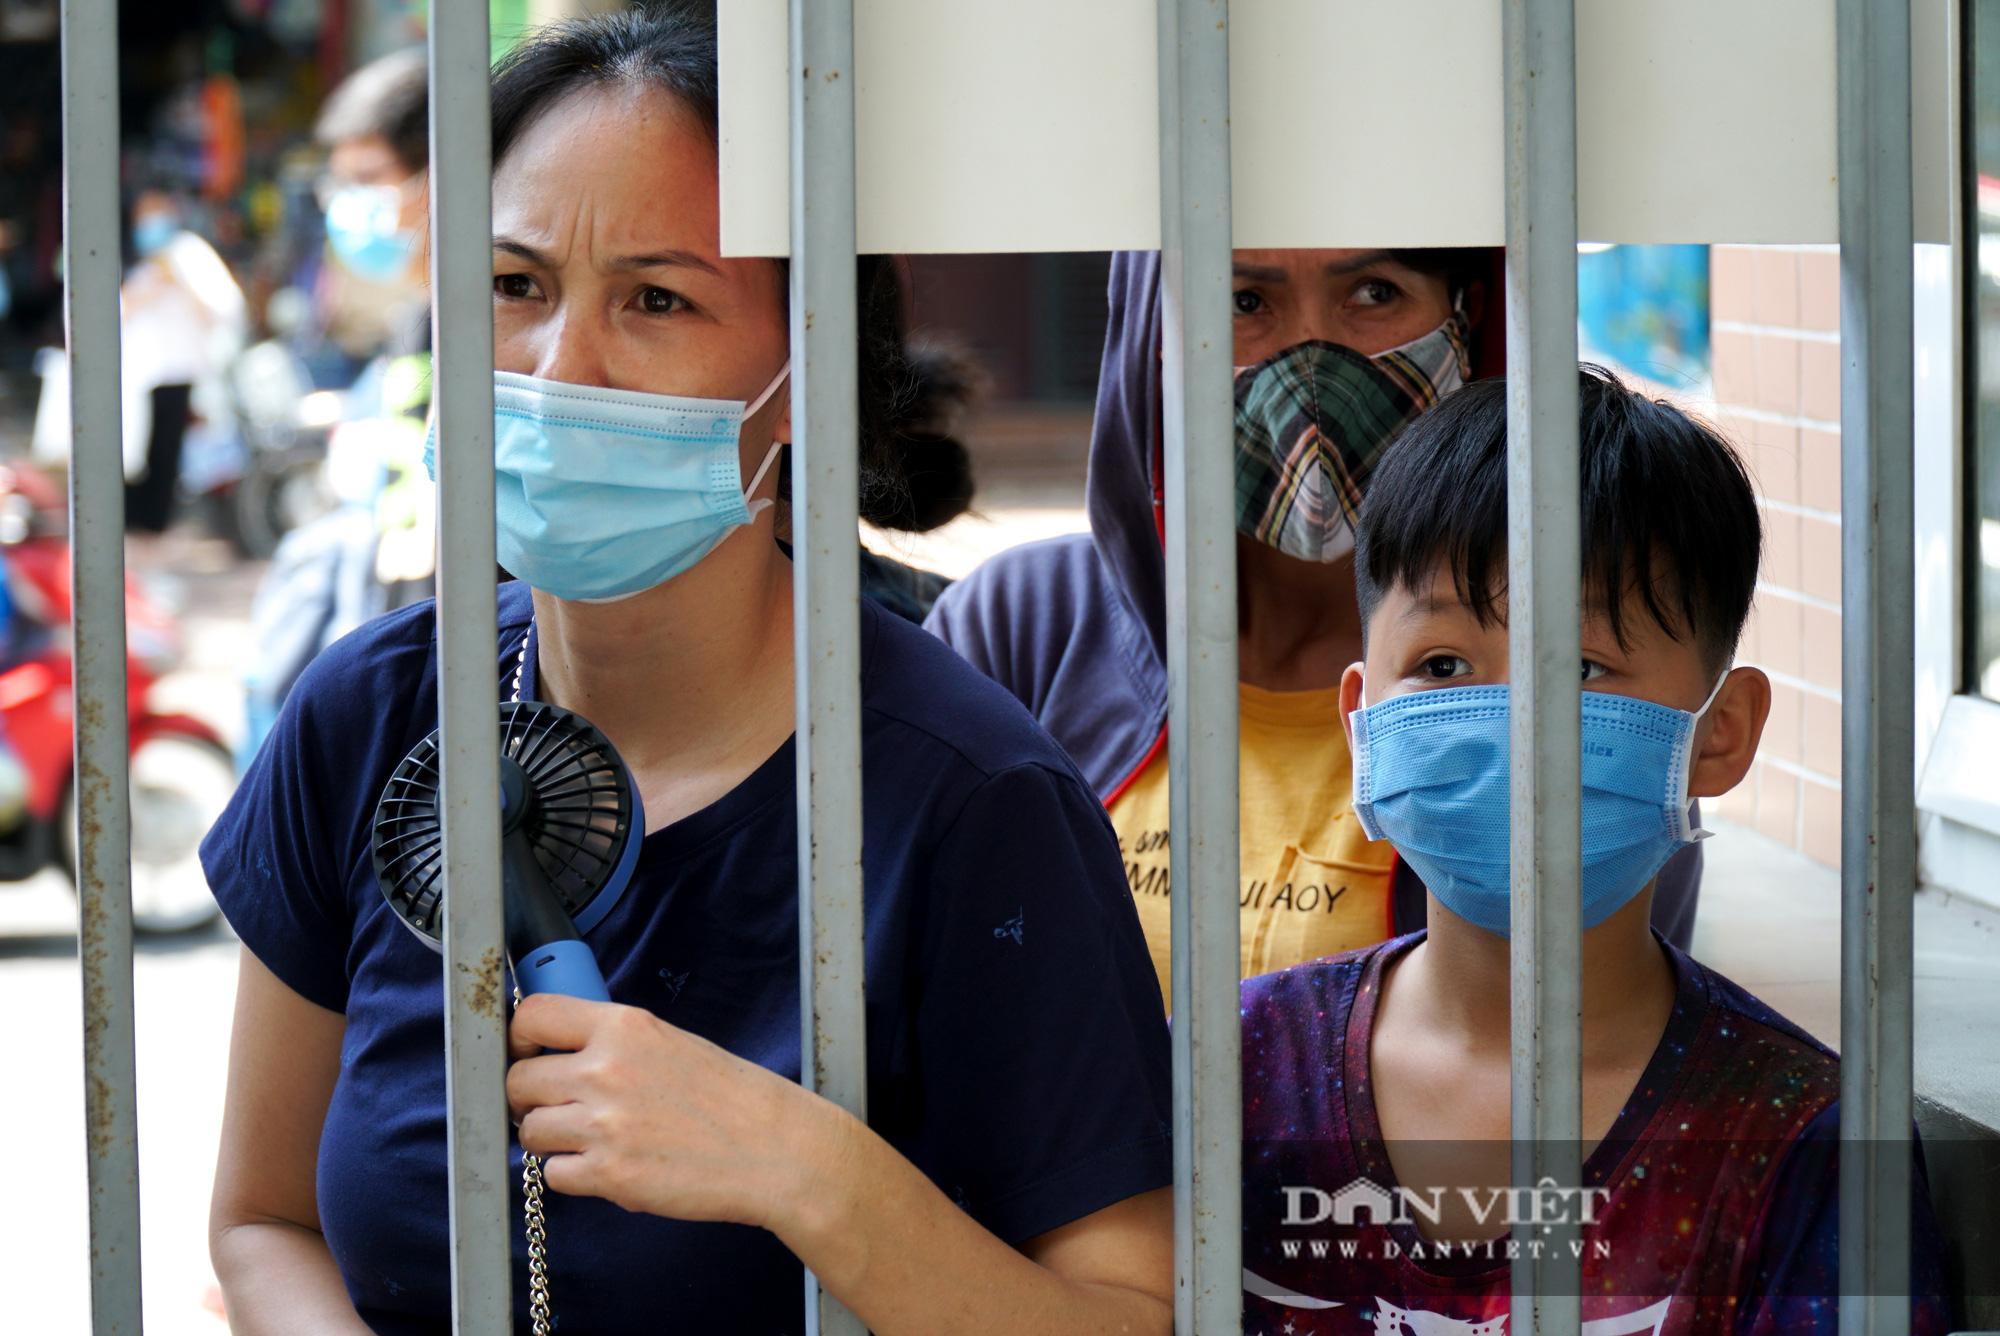 Thí sinh từ Đà Nẵng trở về cảm thấy thoải mái khi thi 1 mình một phòng - Ảnh 12.